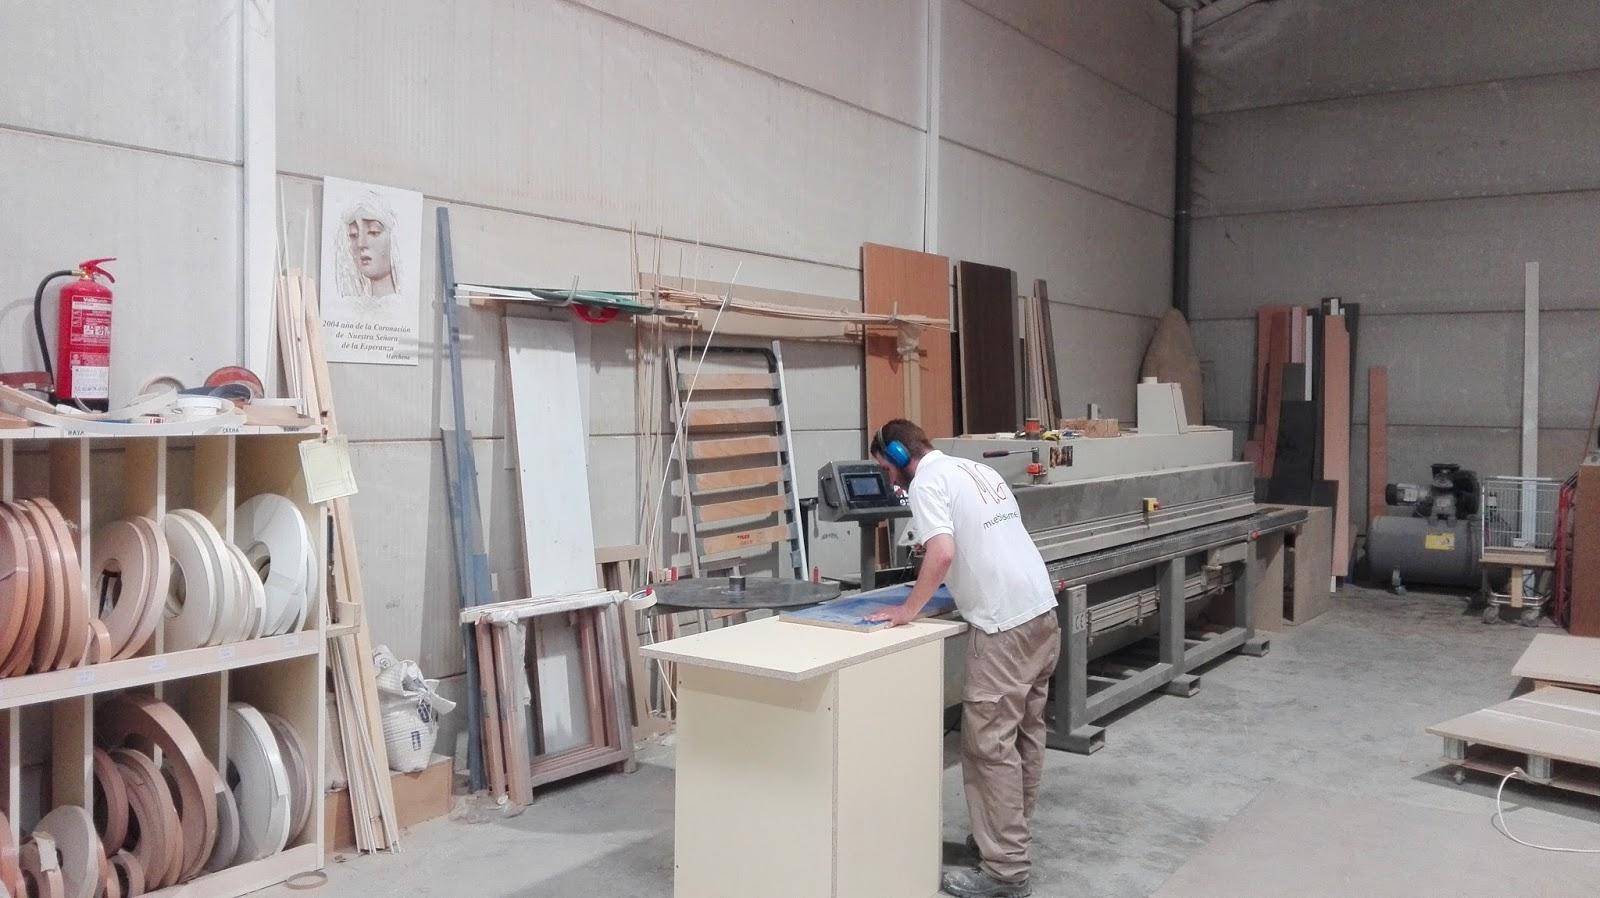 Muebles de dise o en sevilla for Registro de bienes muebles sevilla